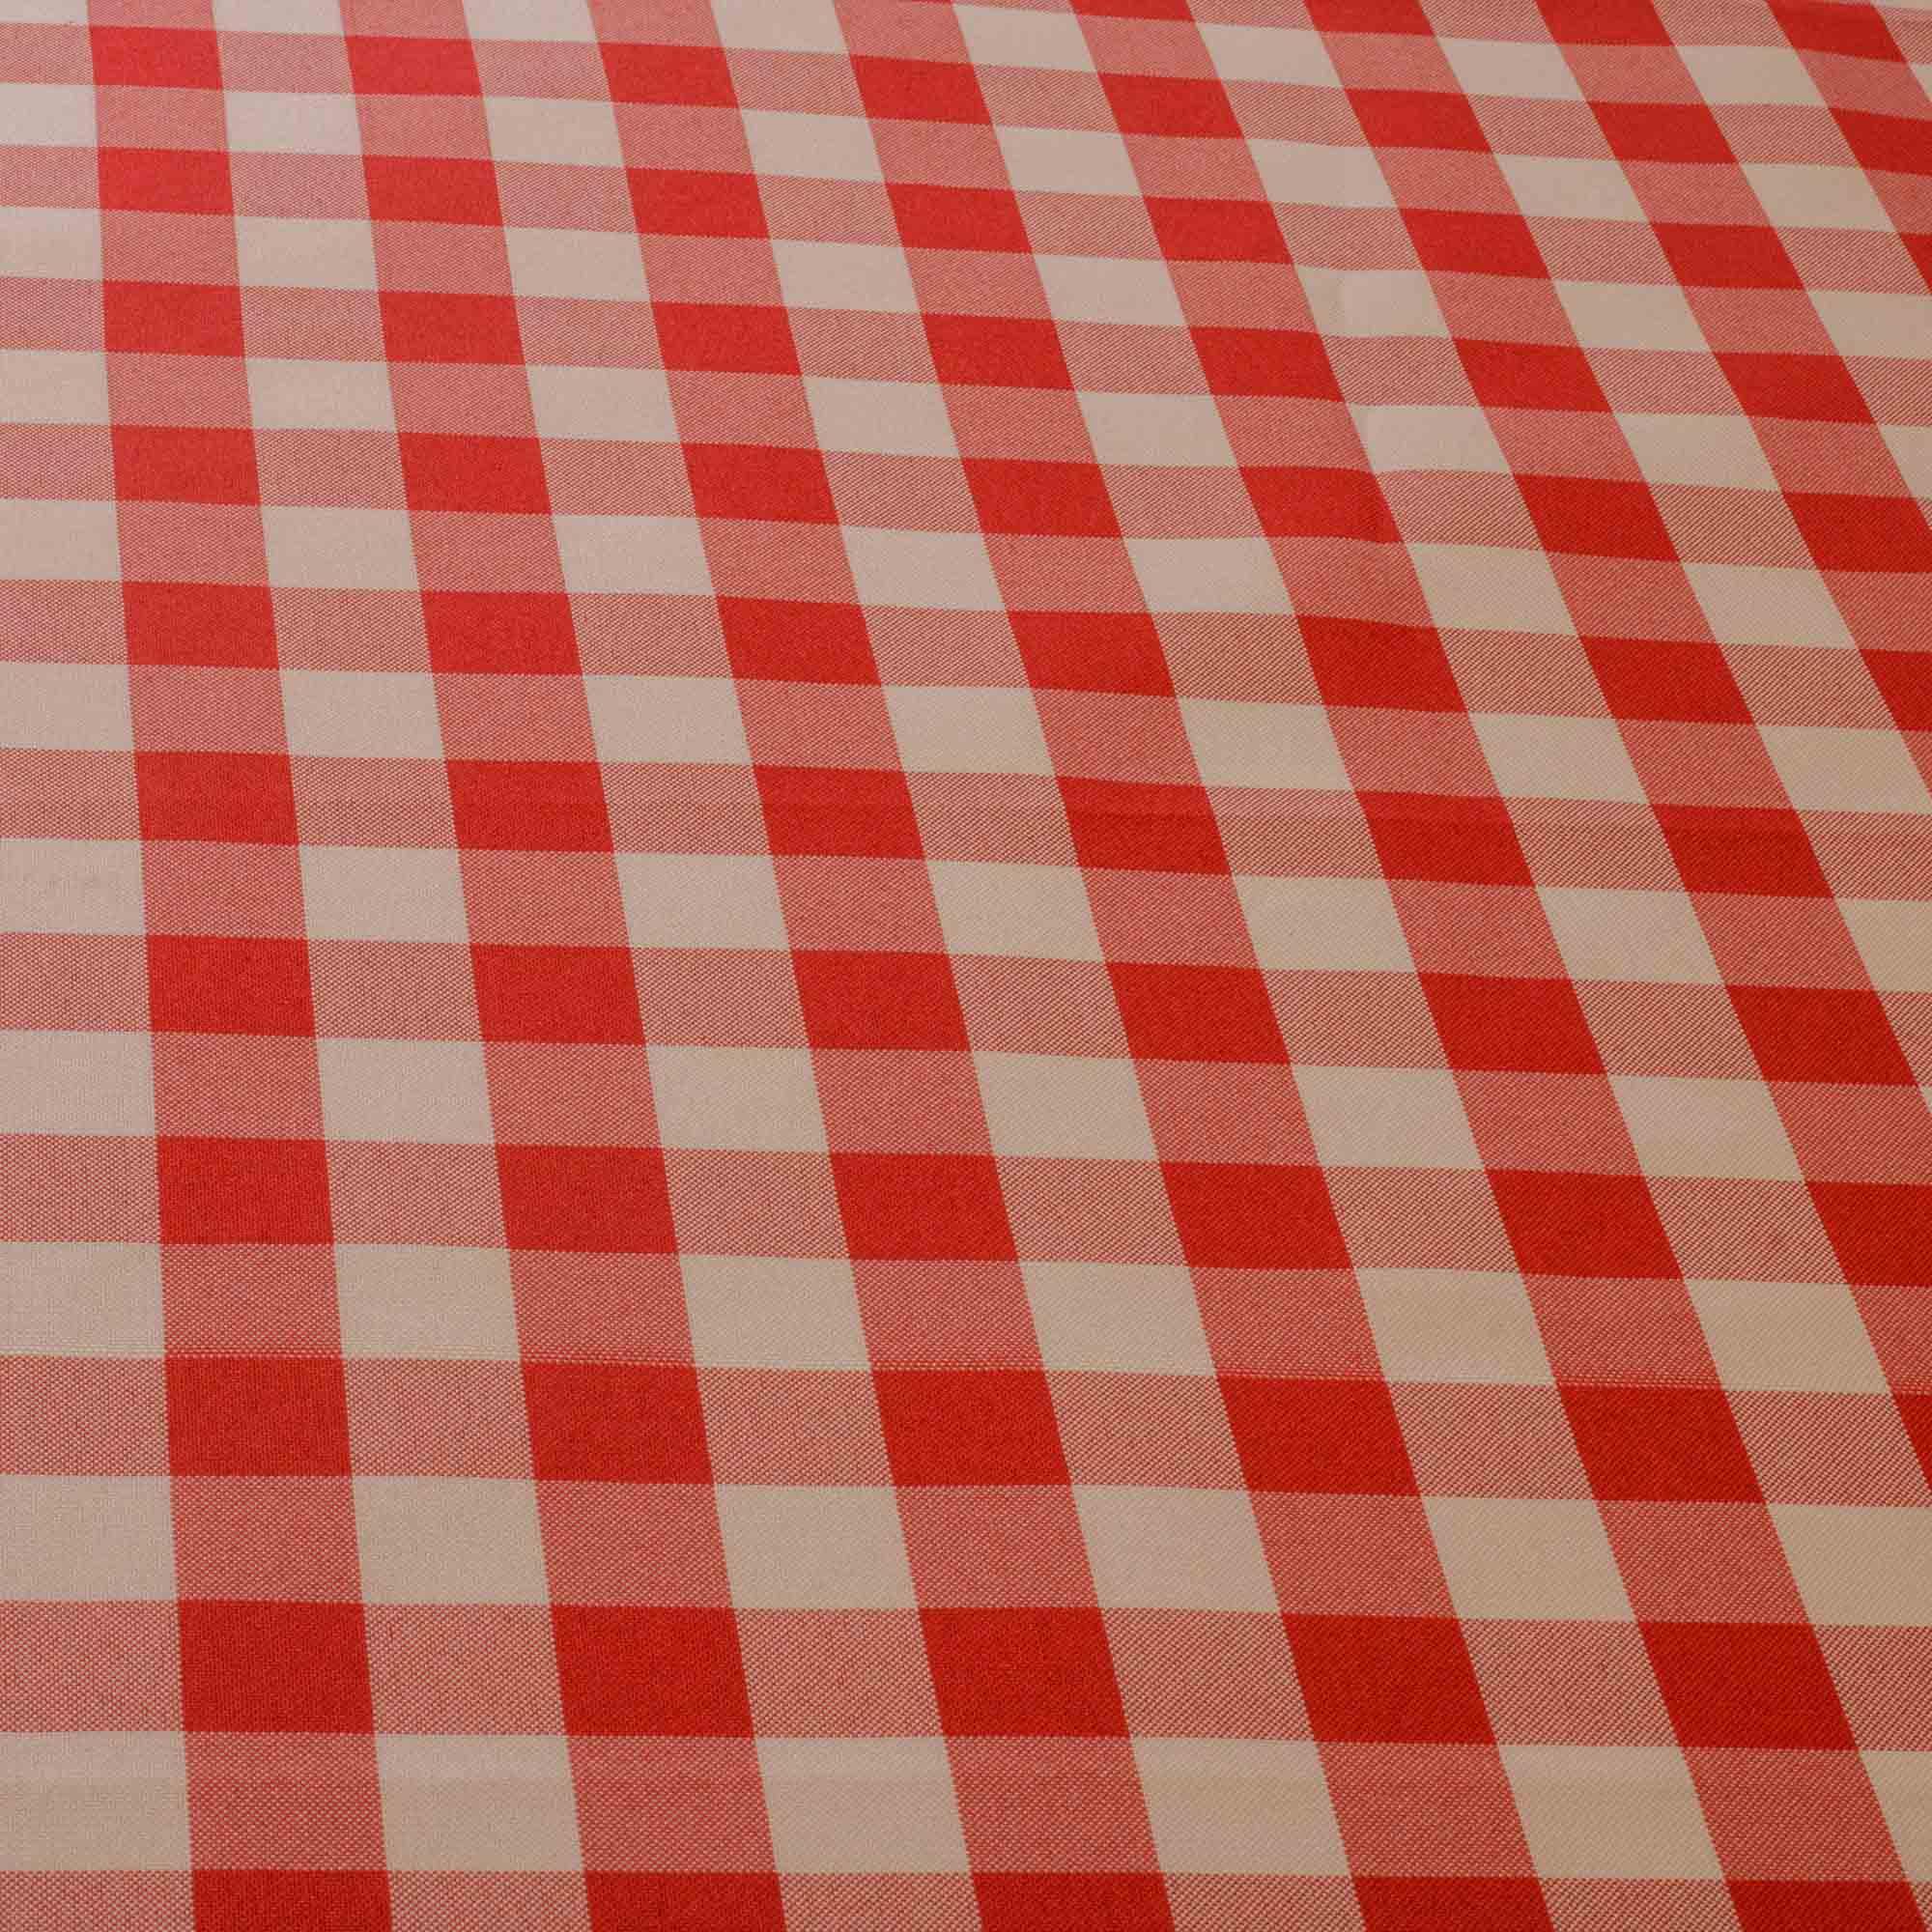 Tecido Oxford Xadrez Vermelho Quadrado de 2 cm x 2 cm 100% Poliester 1,50 Mt Largura